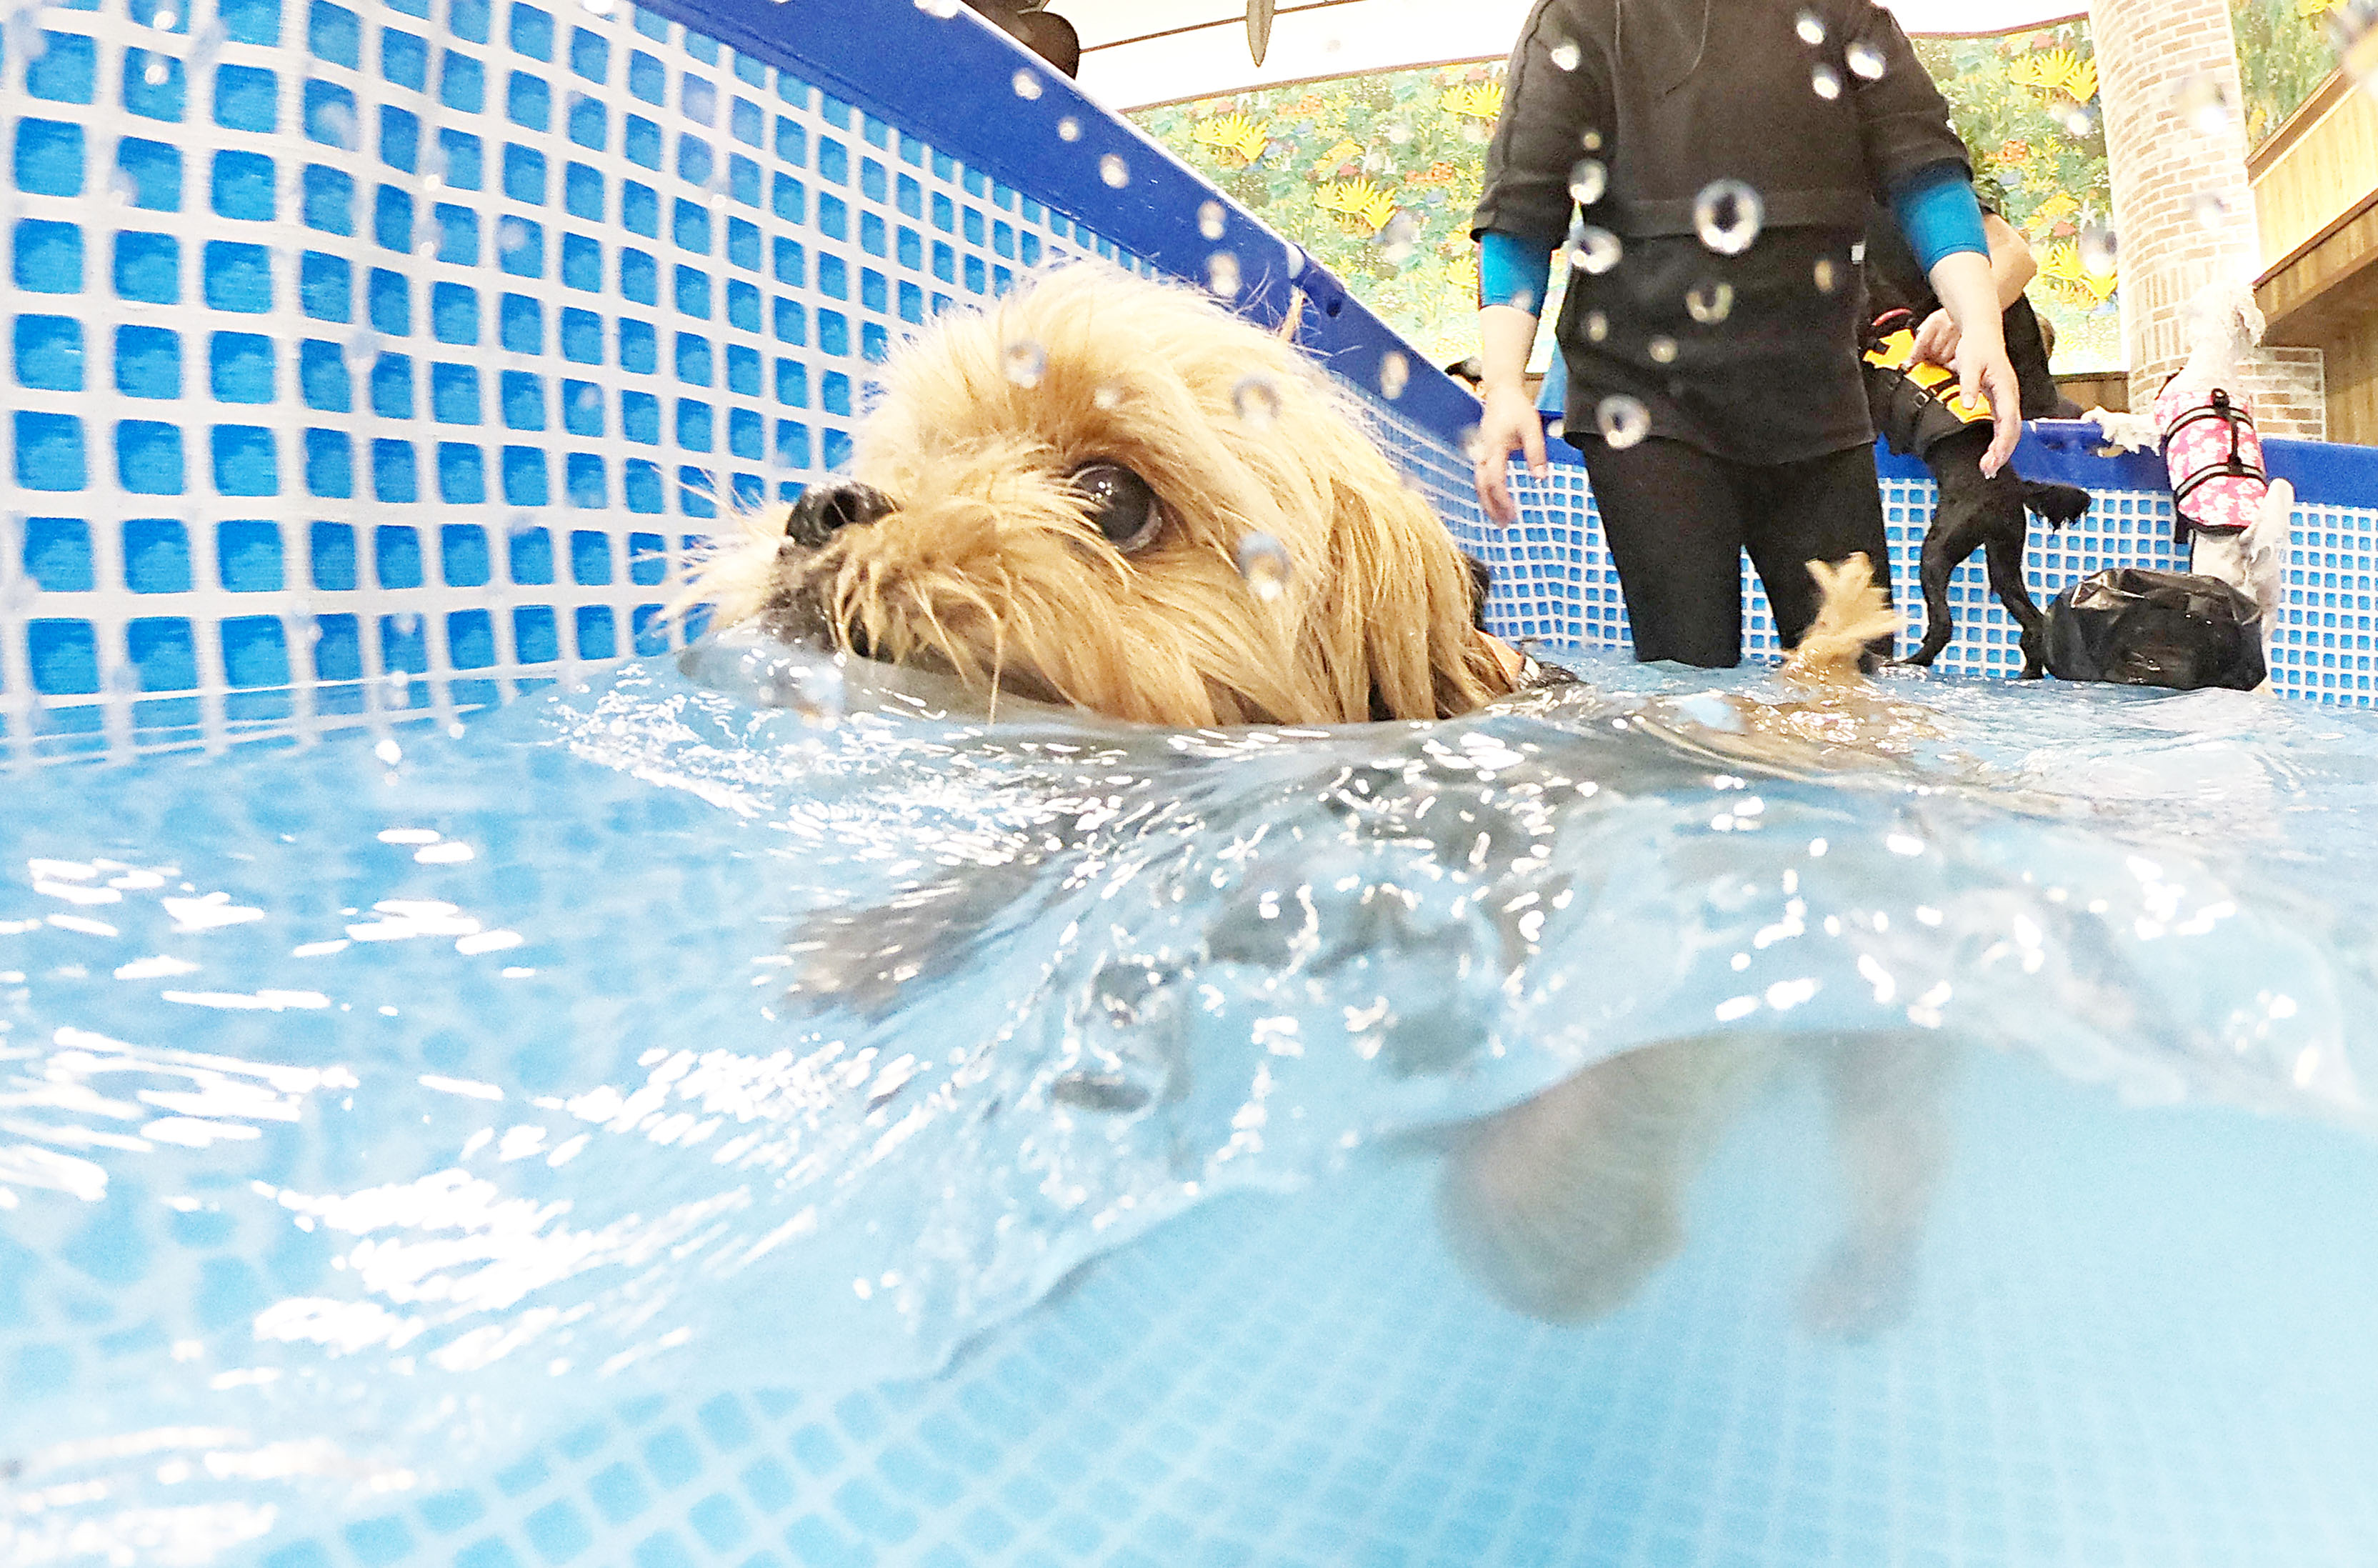 12月16日(日)真冬のプール教室開催!!寒い冬でも温水プールで楽しもう!!